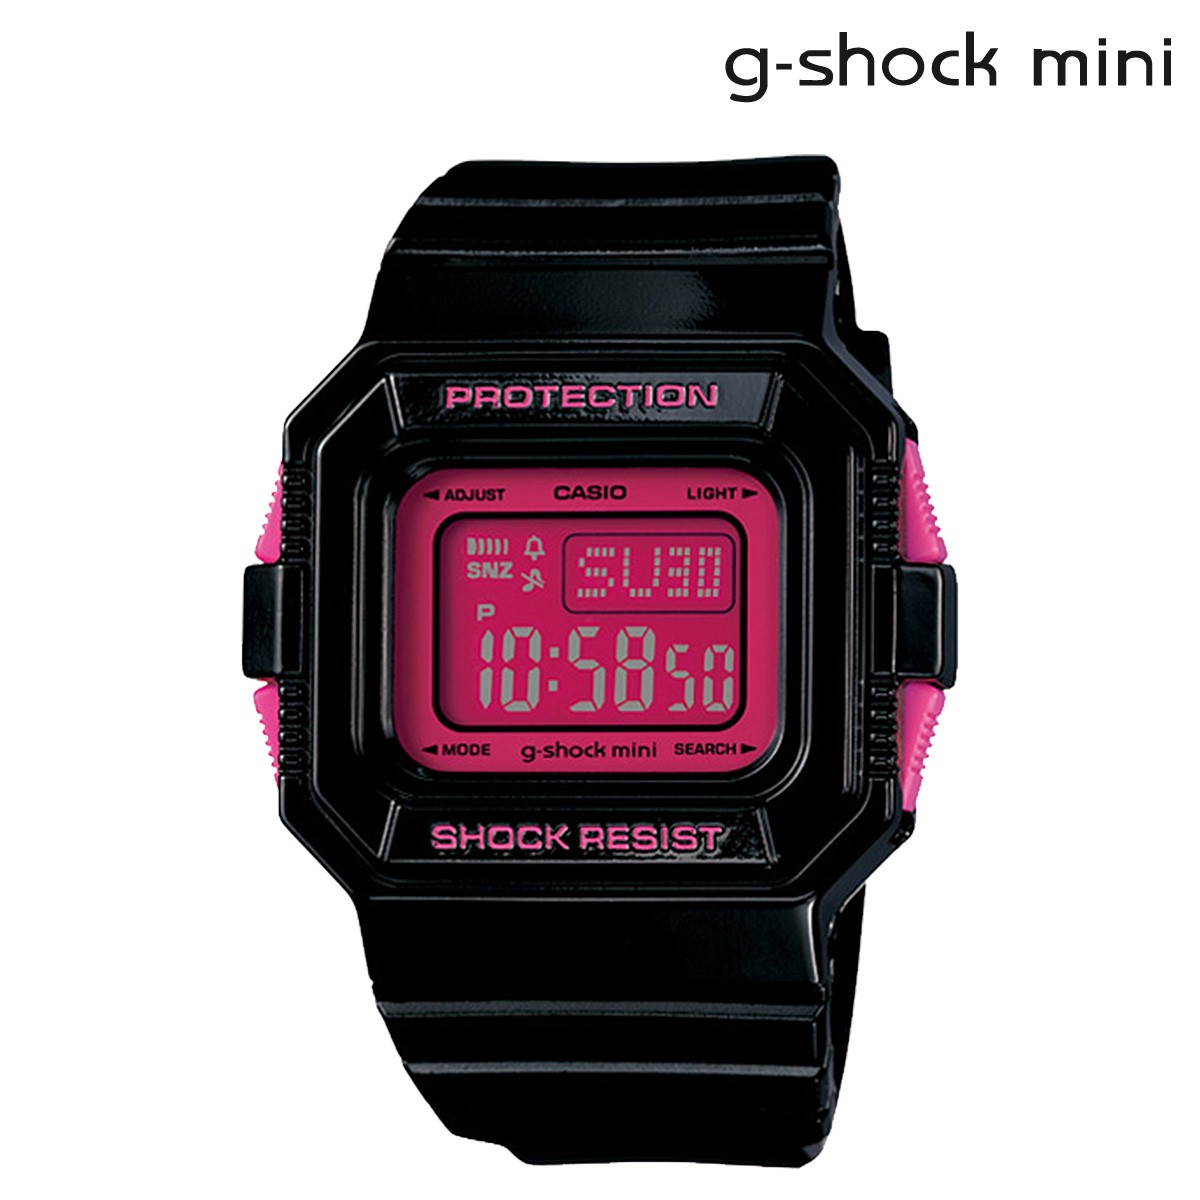 カシオ CASIO g-shock mini 腕時計 GMN-550-1BJR ジーショック ミニ Gショック G-ショック レディース [3/11 追加入荷]